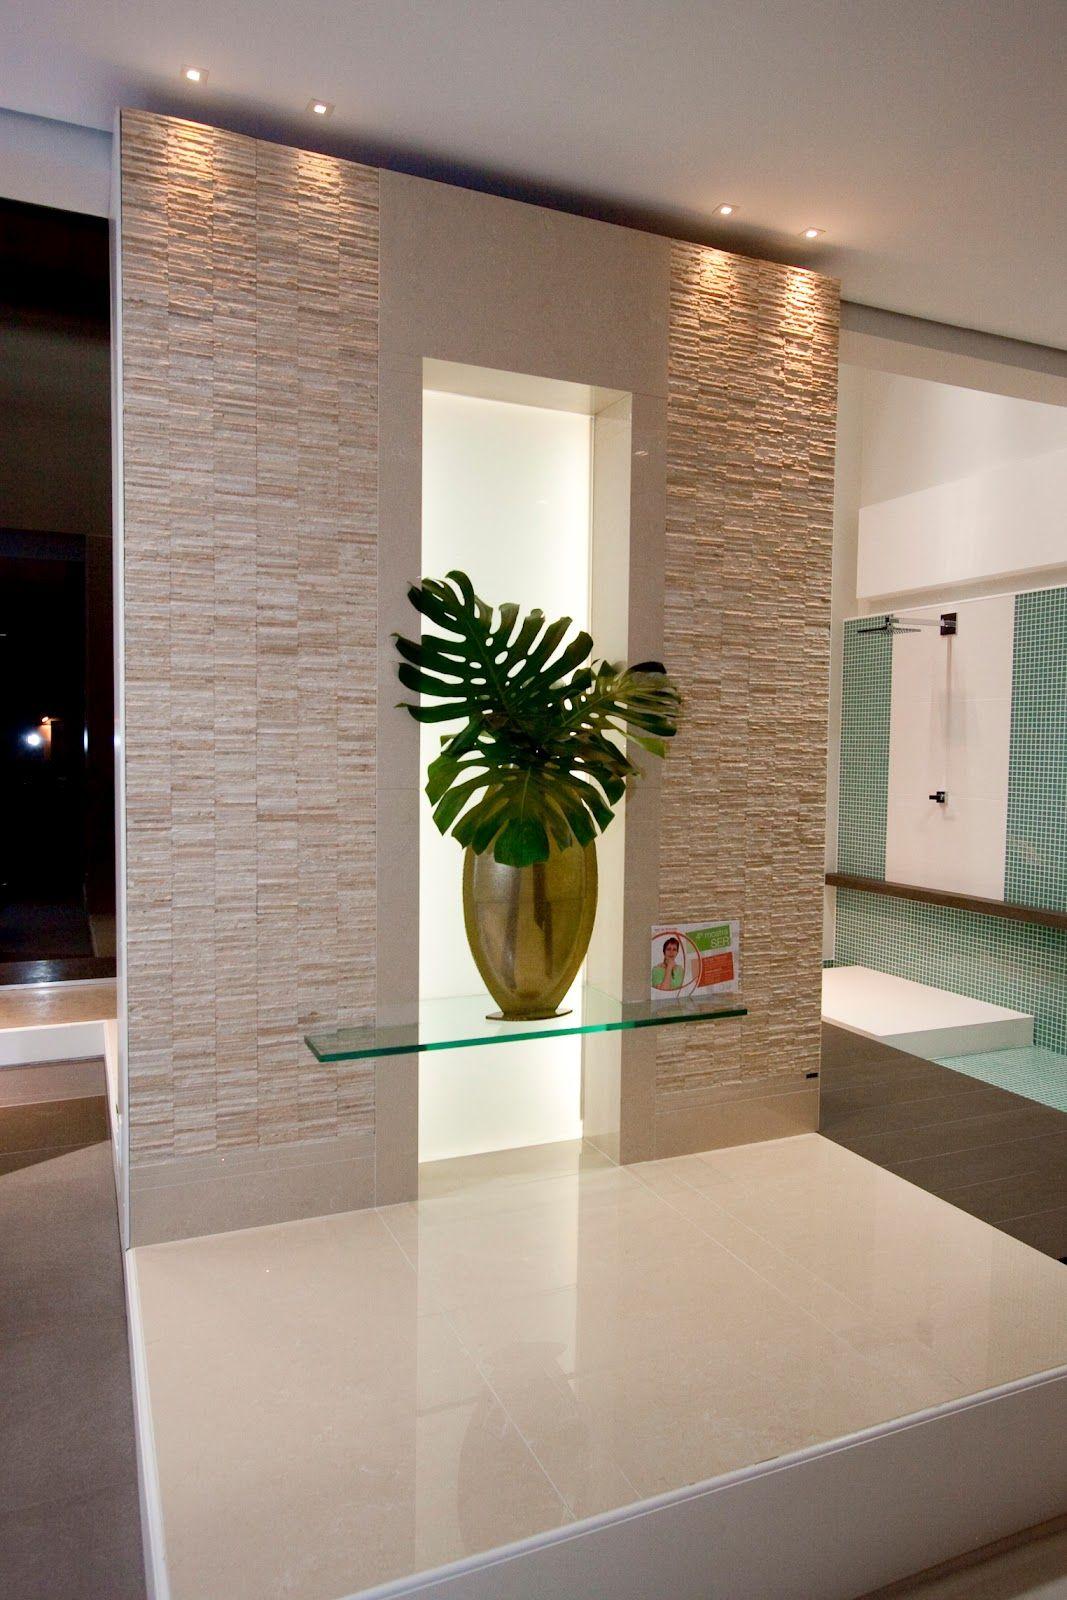 pin von gladys paulino auf decoracion pinterest nische flure und haus ideen. Black Bedroom Furniture Sets. Home Design Ideas